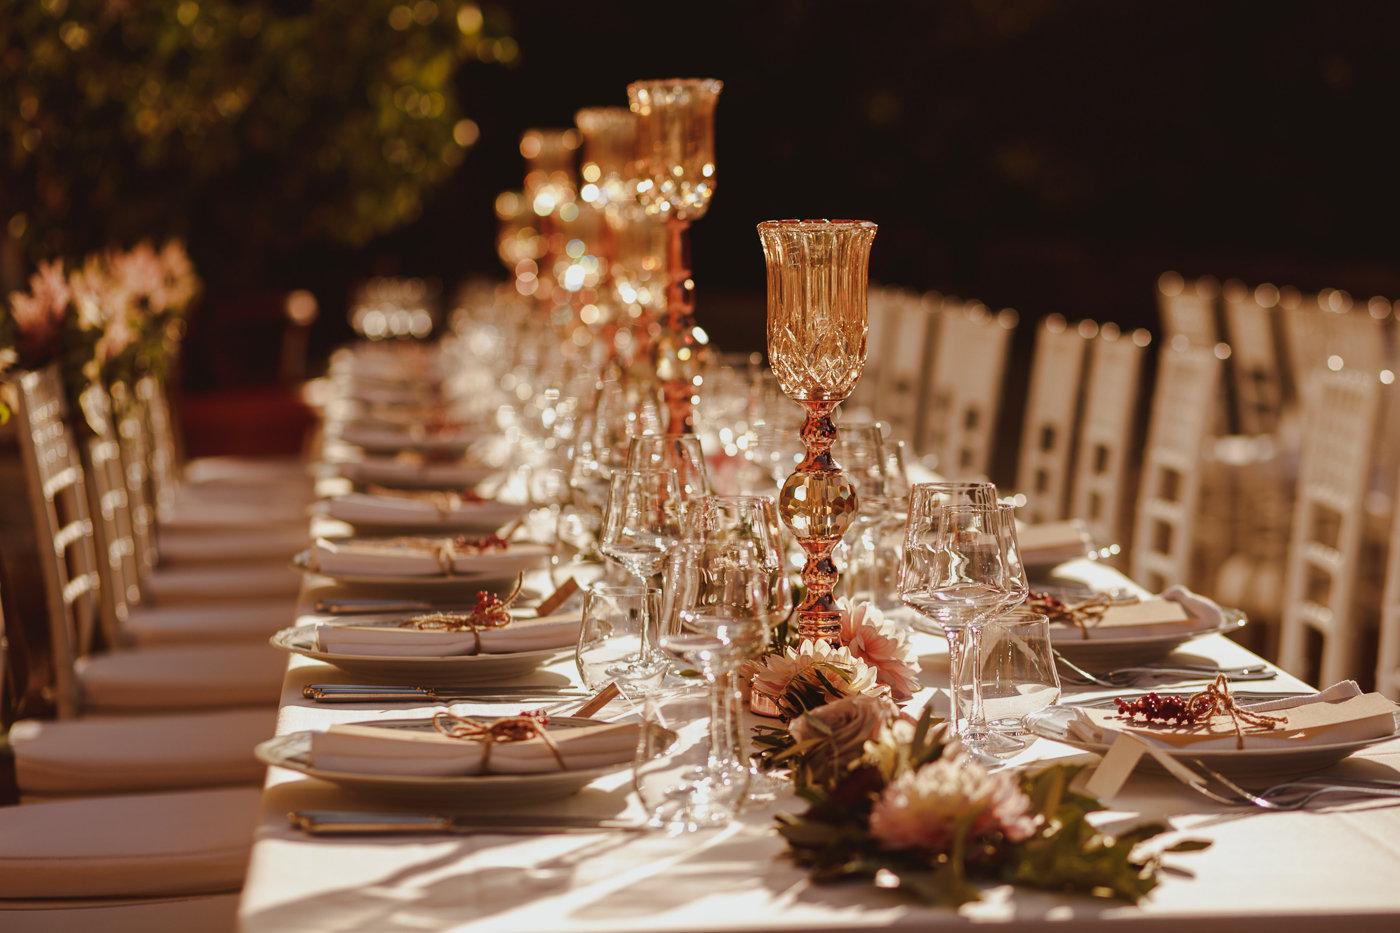 tenuta-di-bichi-borghesi-wedding-31.jpg